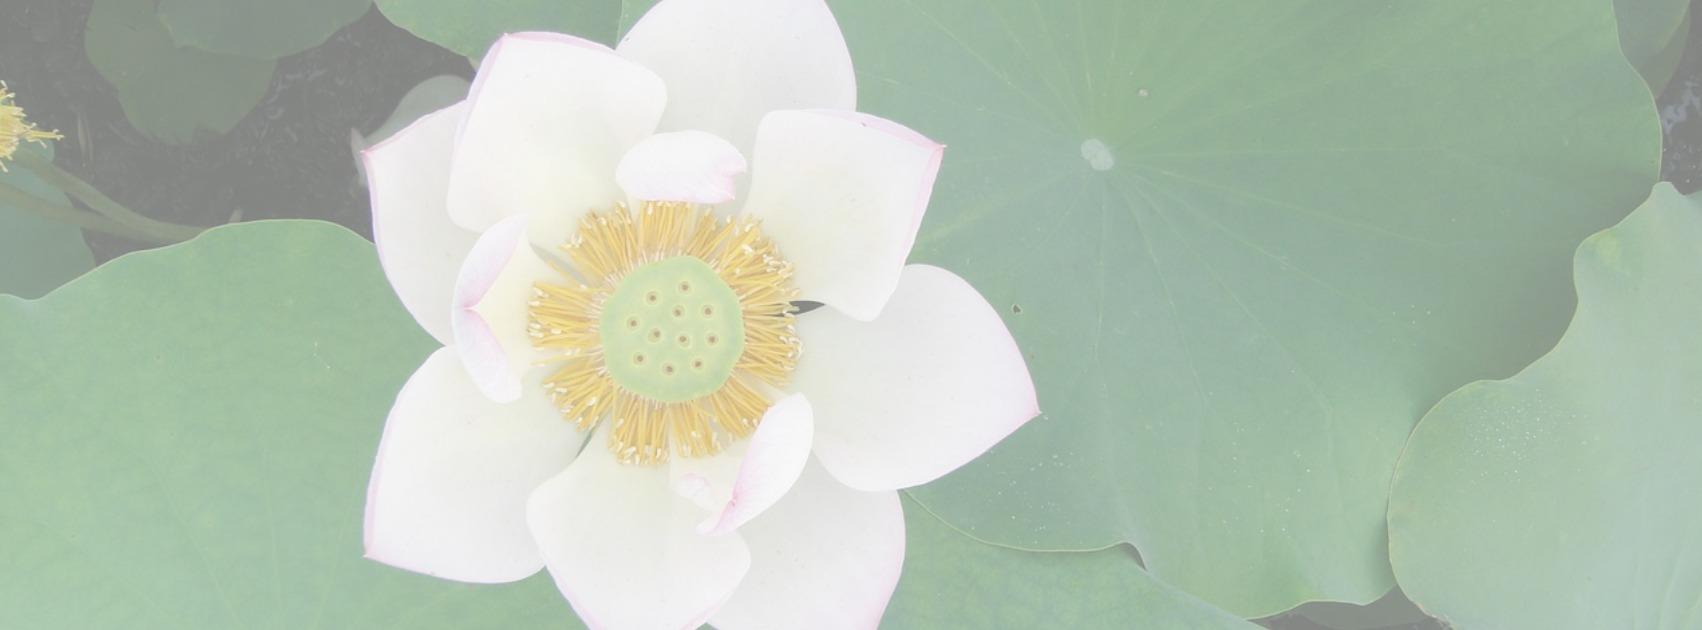 Divine Lotus Healing Spiritual Counseling Header